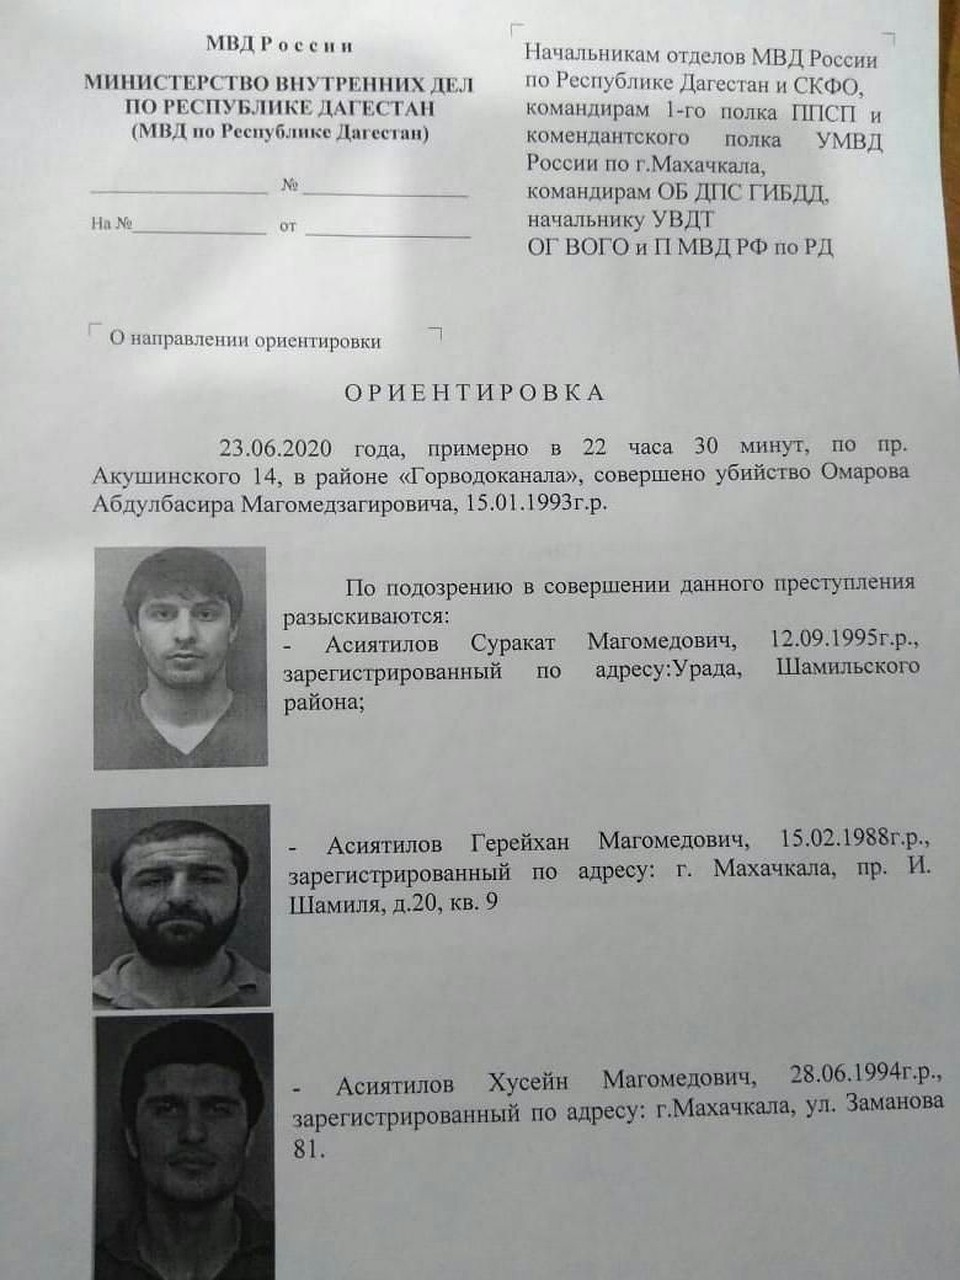 Ориентировка на подозреваемых